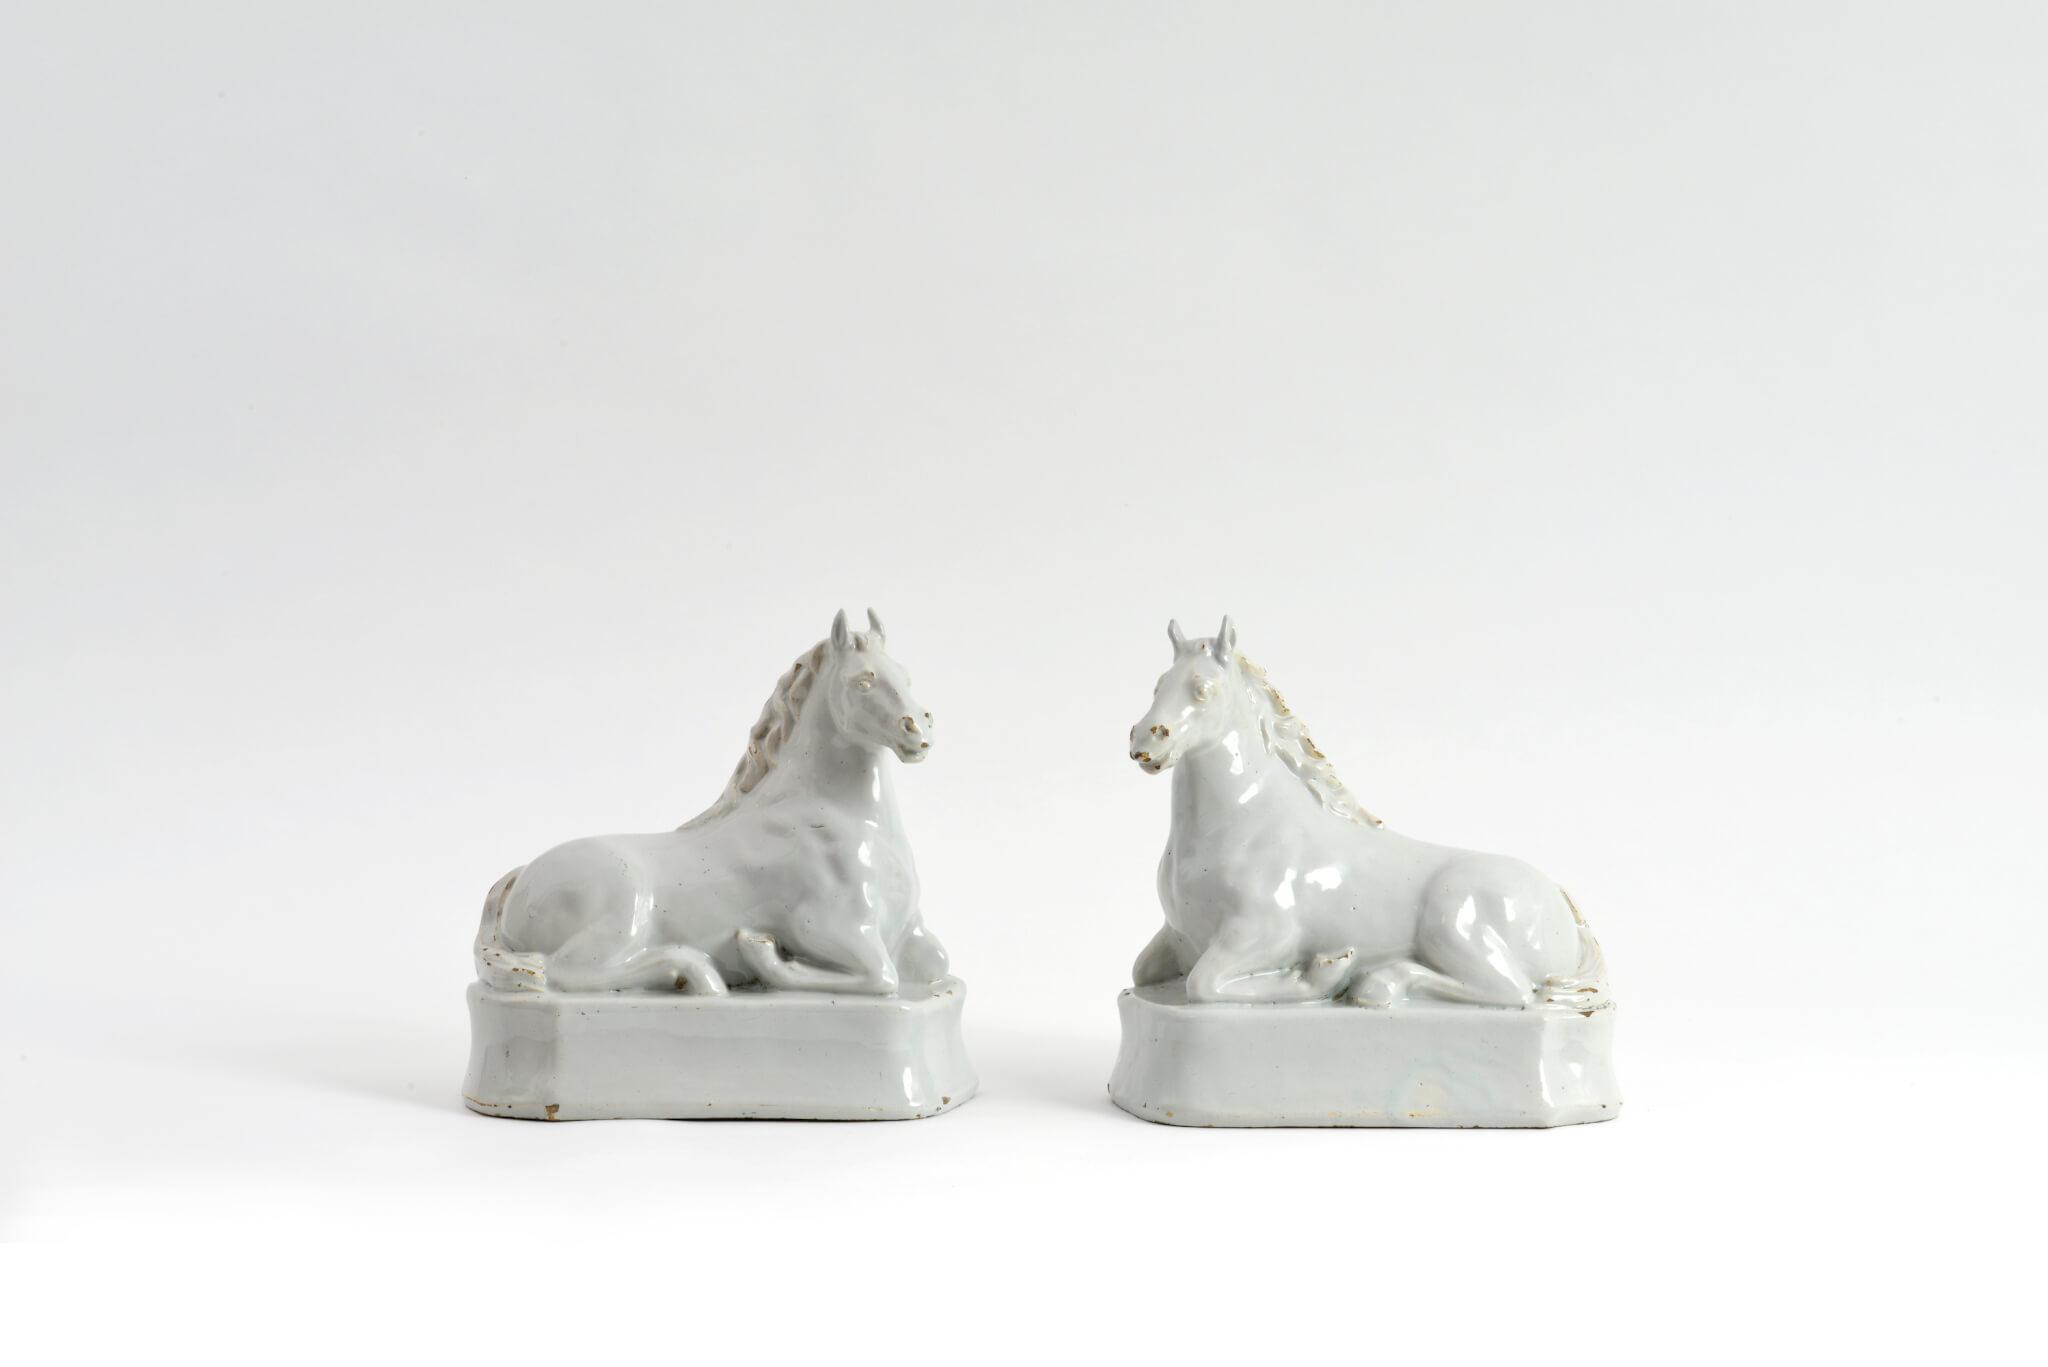 For Sale Antique Ceramic Pair Of Recumbent White Horses D1842